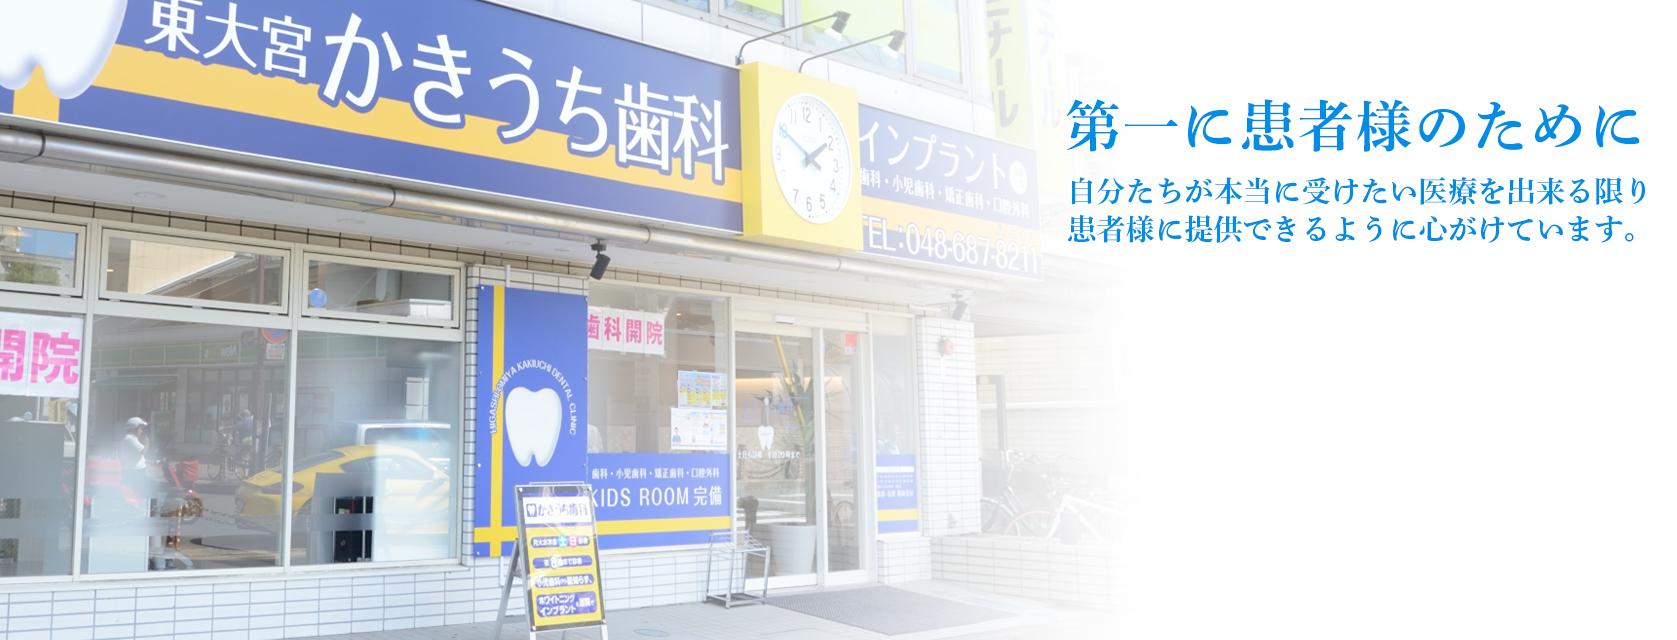 新規歯科医院開院